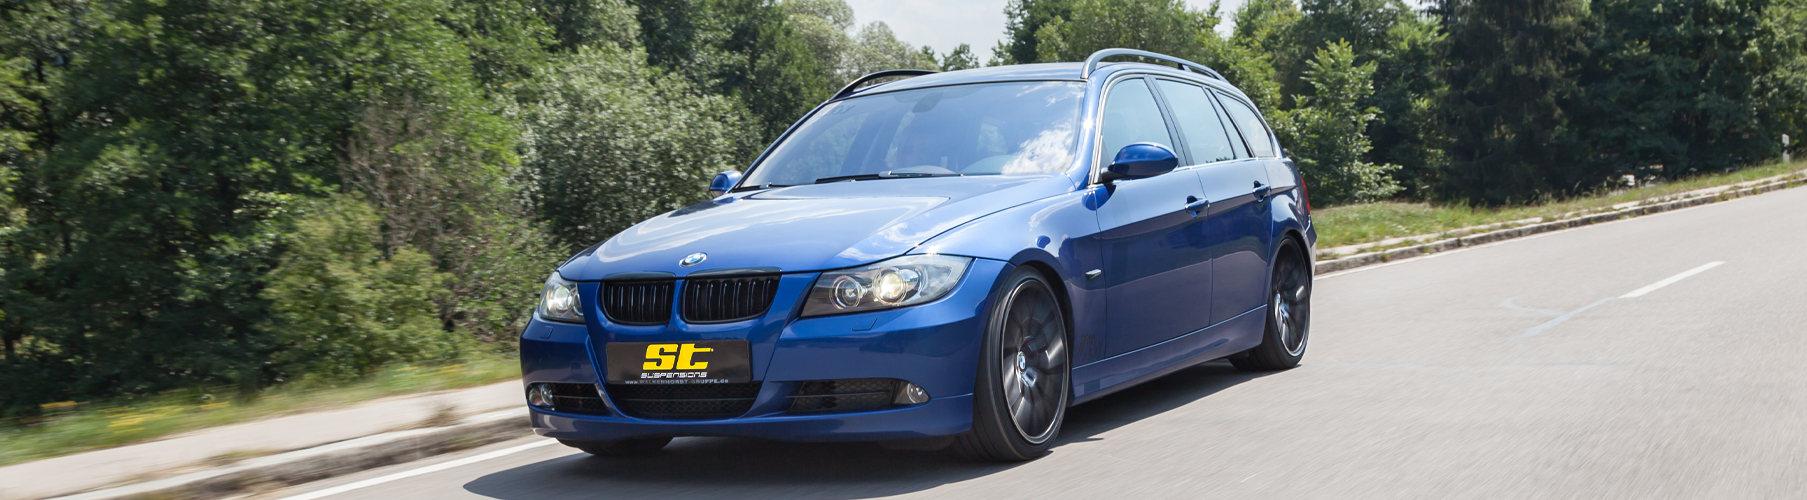 Schöner Fahren: das ST X Gewindefahrwerk im BMW E91 3er Touring